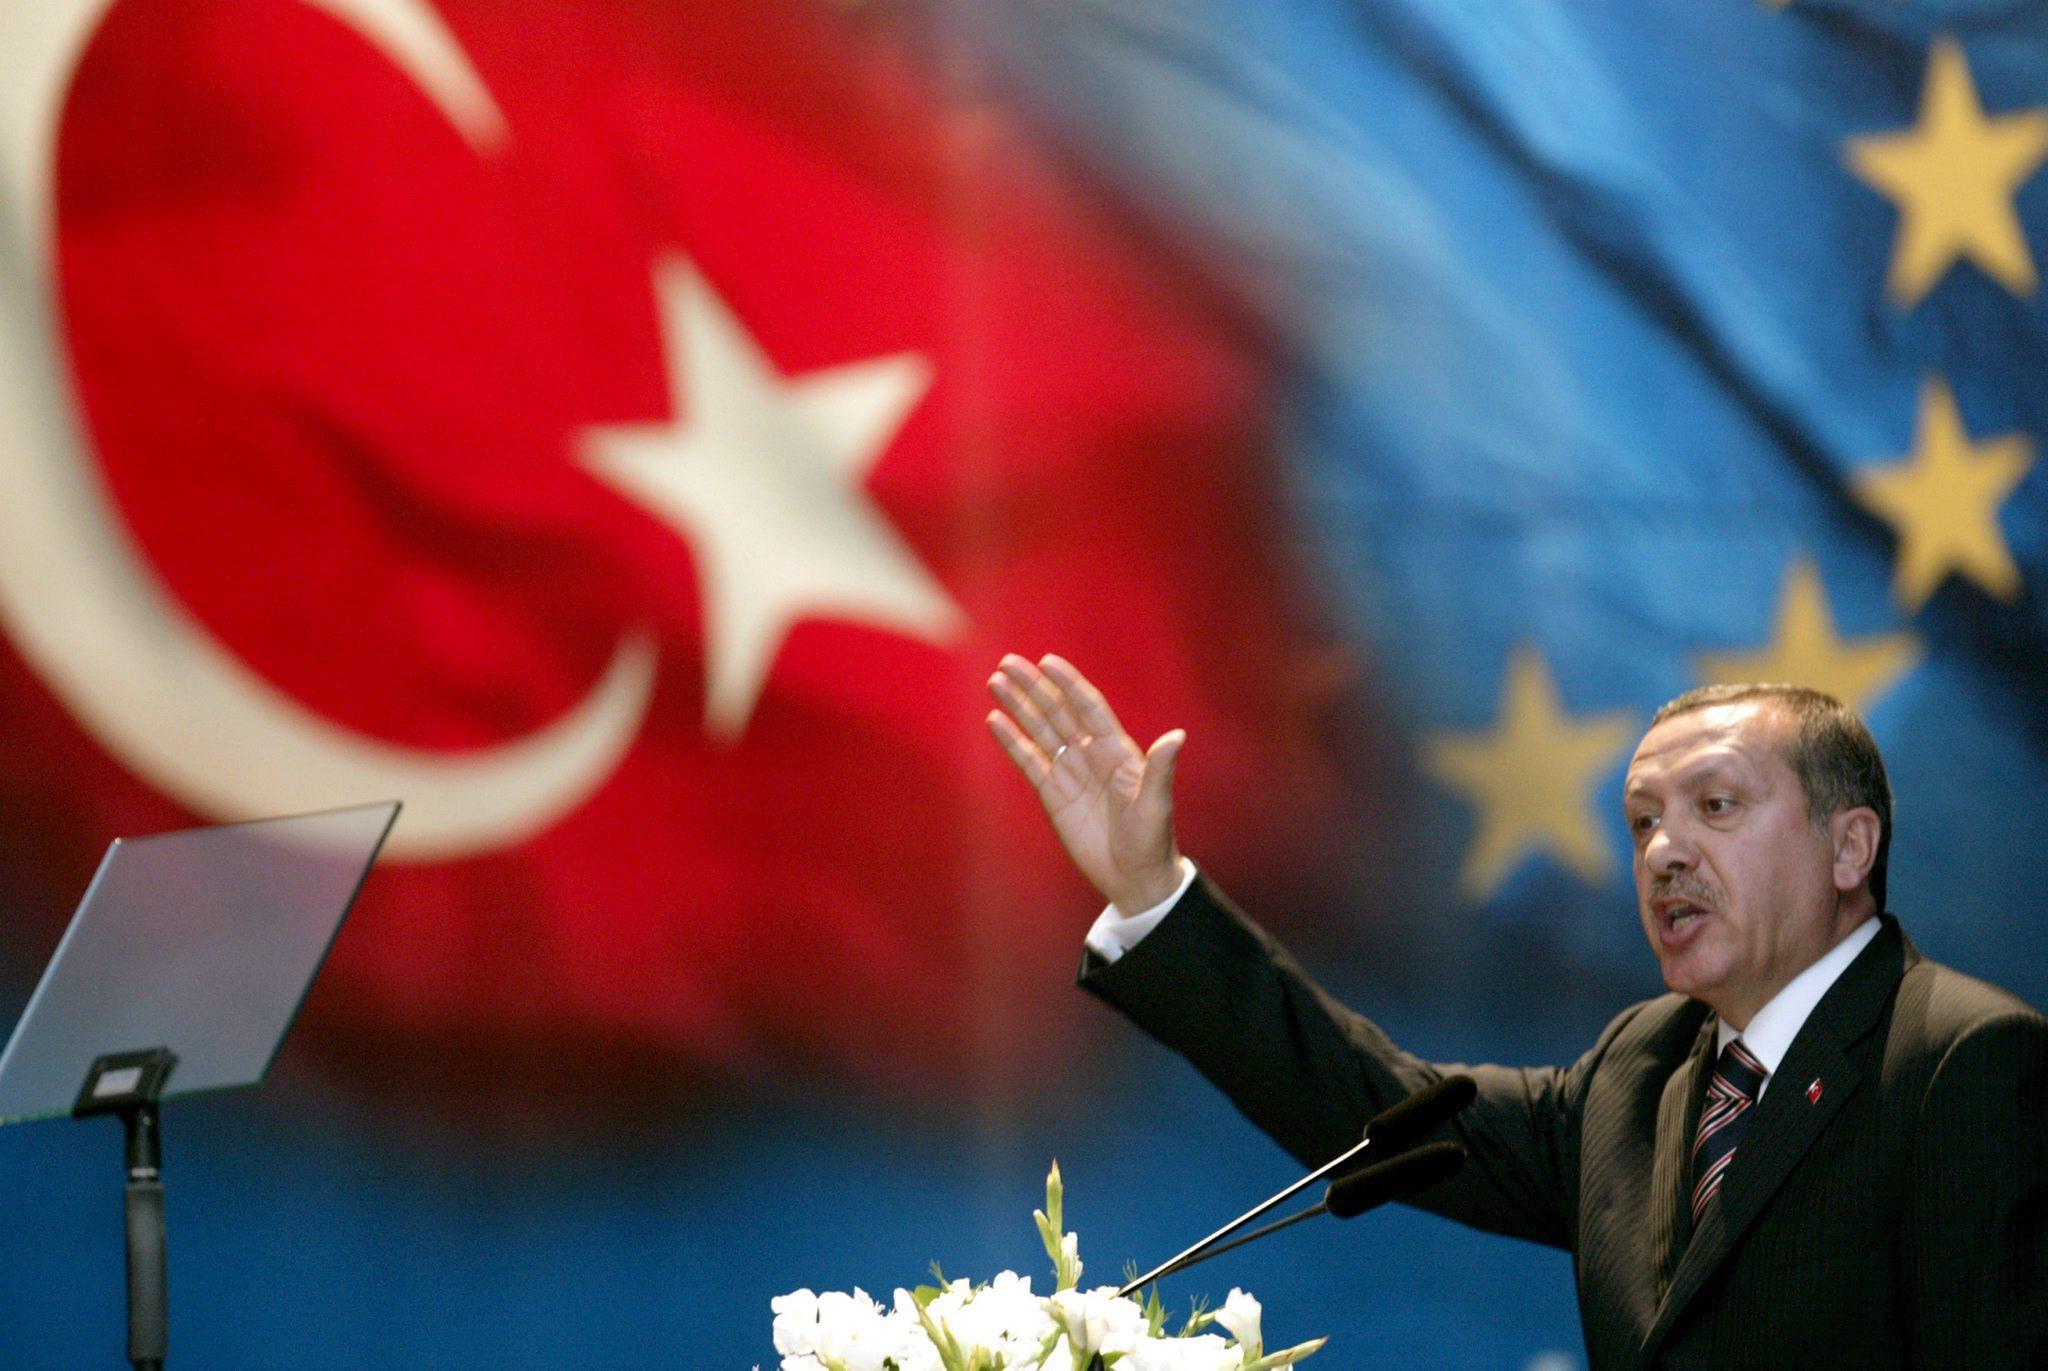 AB Zirvesi: Erdoğan'ı teşvik ve yaptırımlarla iyi ikili ilişkilere yönlendirme hedefi